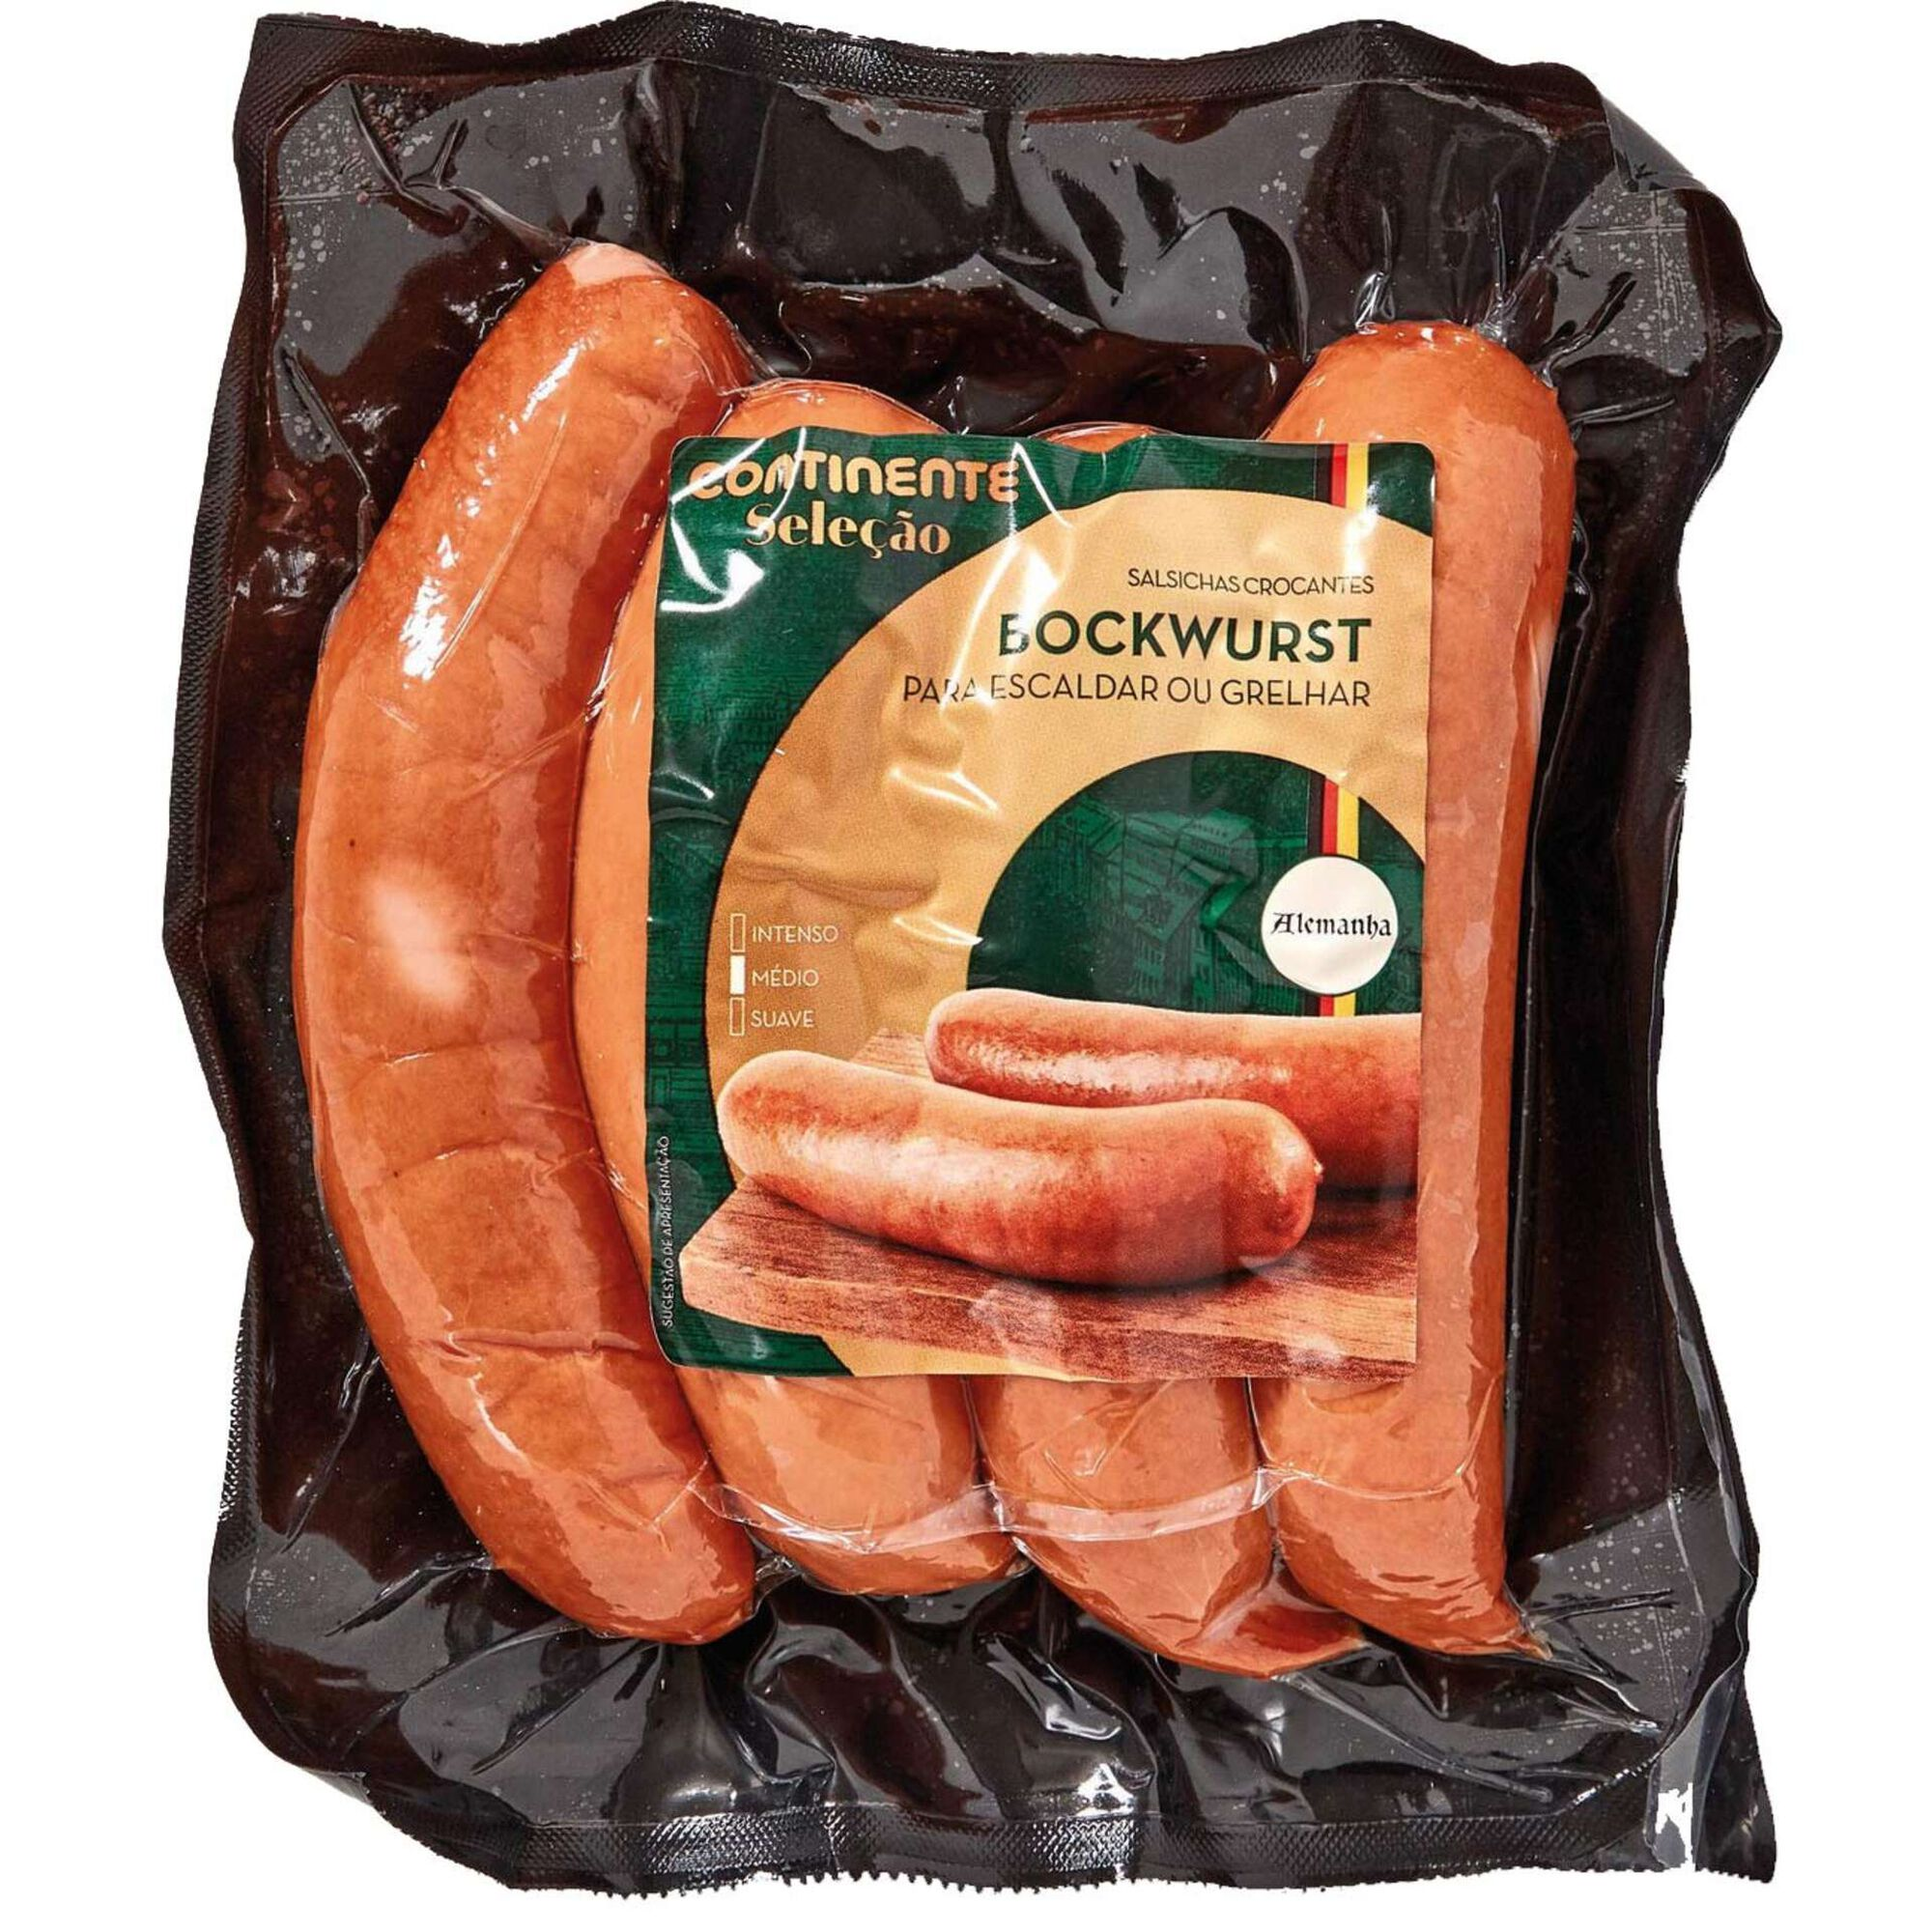 Salsichas Bockwurst